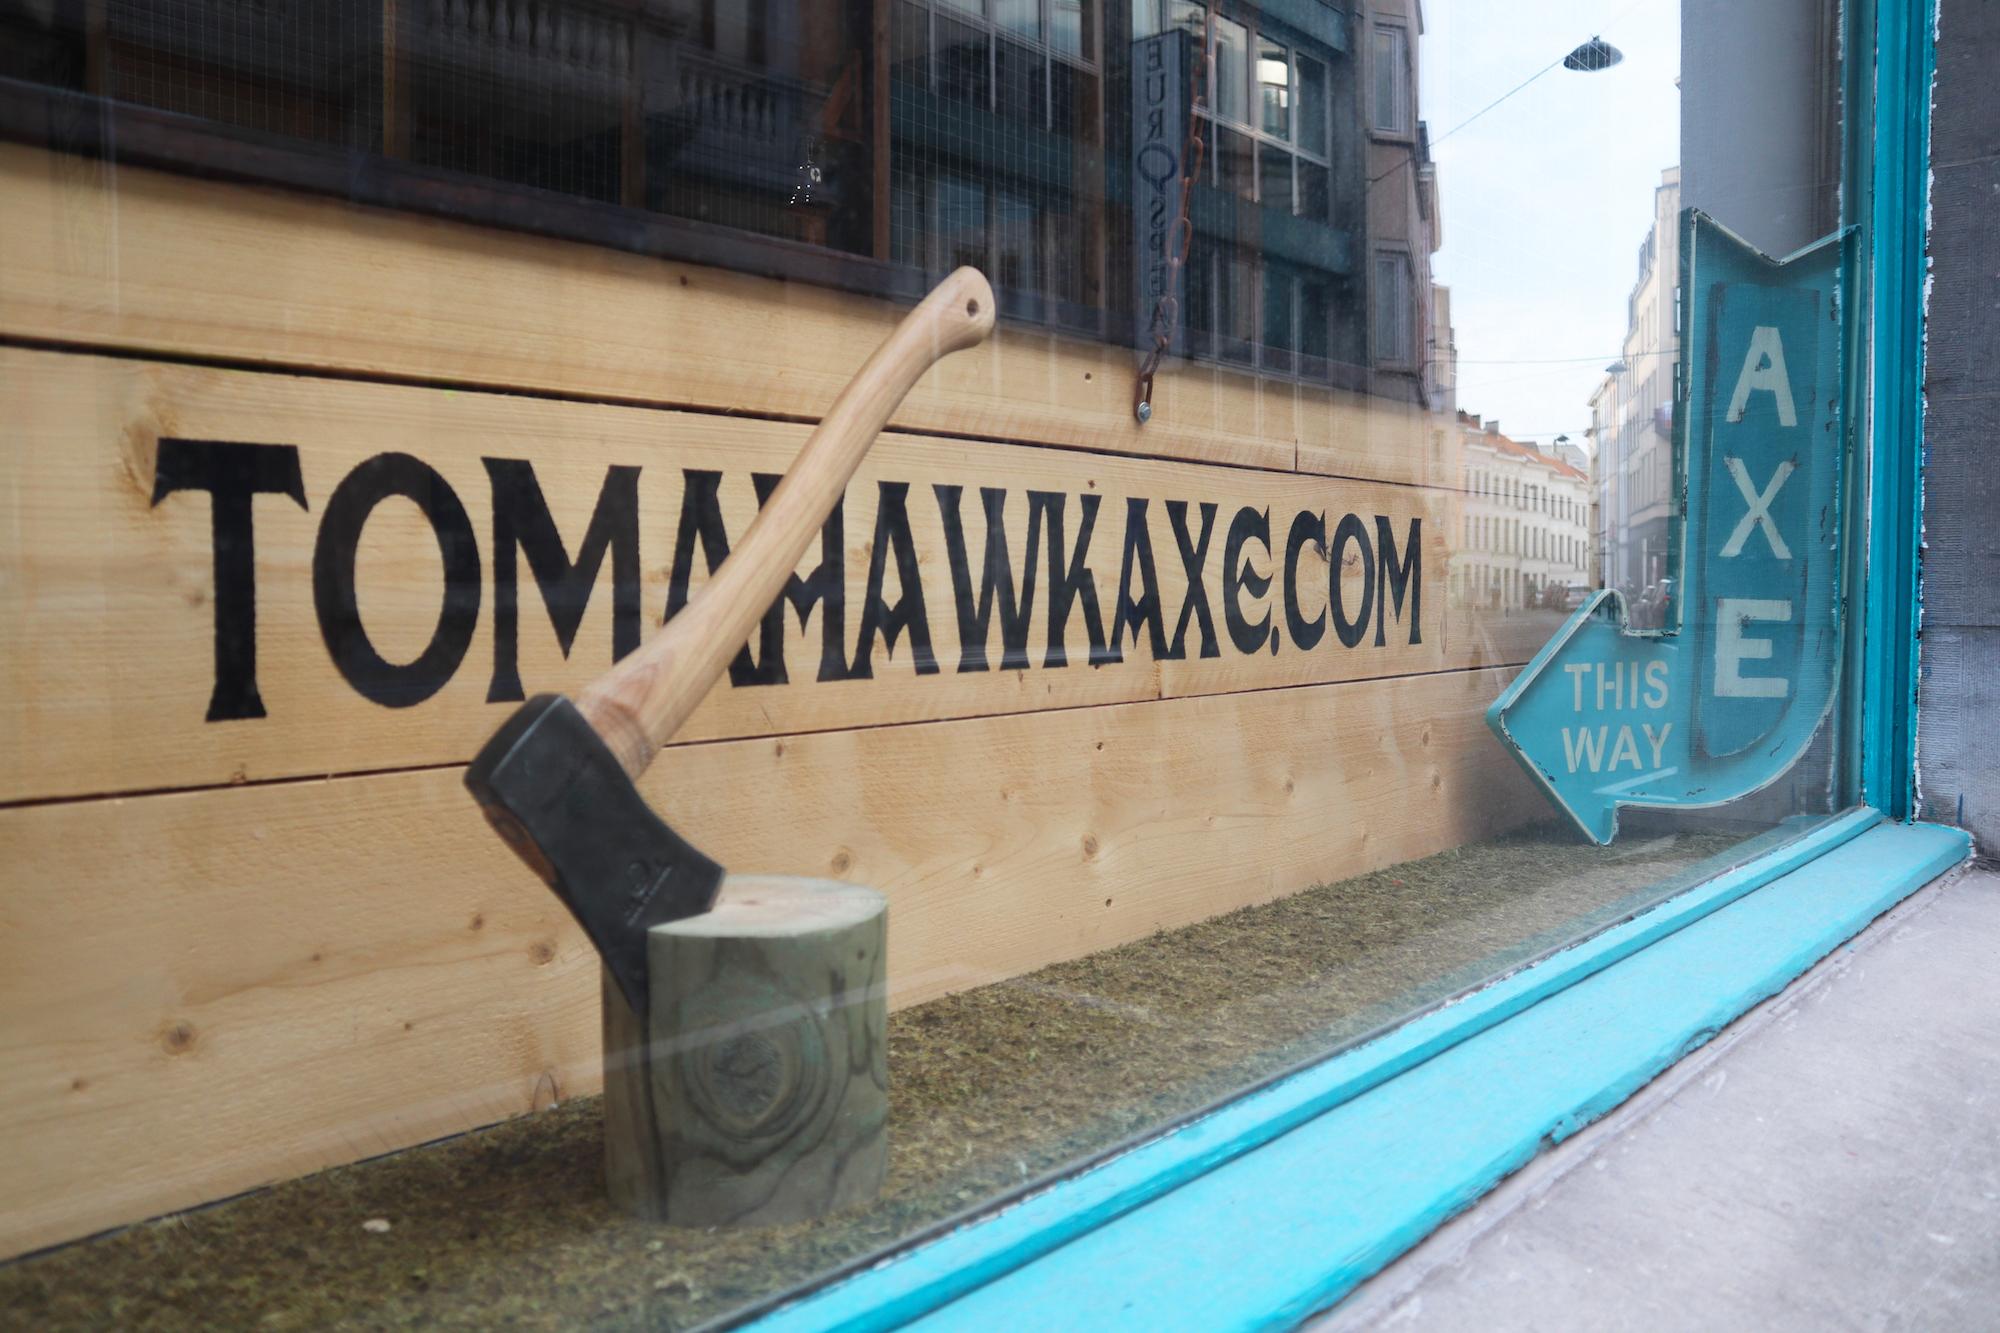 Tomahawk Axe Bruxelles